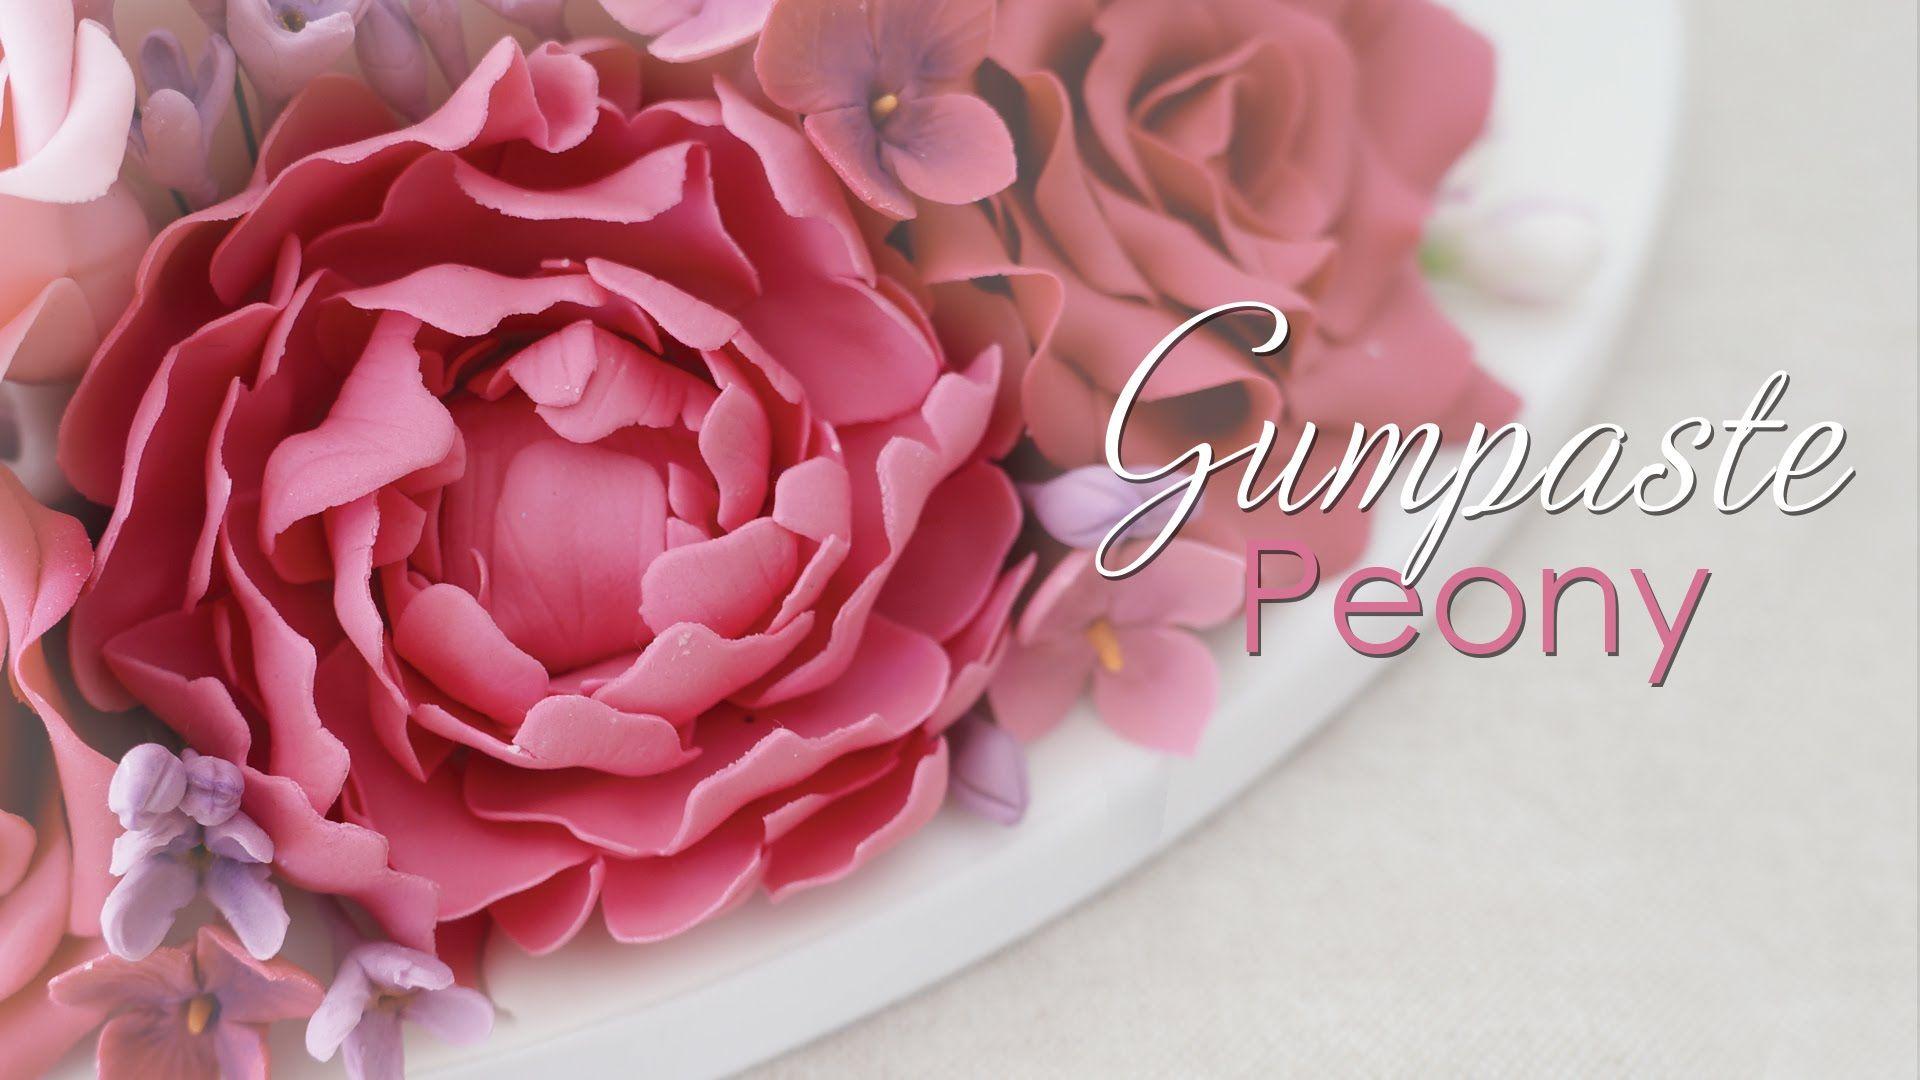 Gumpaste Peony Cake Decorating Tutorial Gum Paste Cake Flowers Tutorial Cake Decorating Tutorials